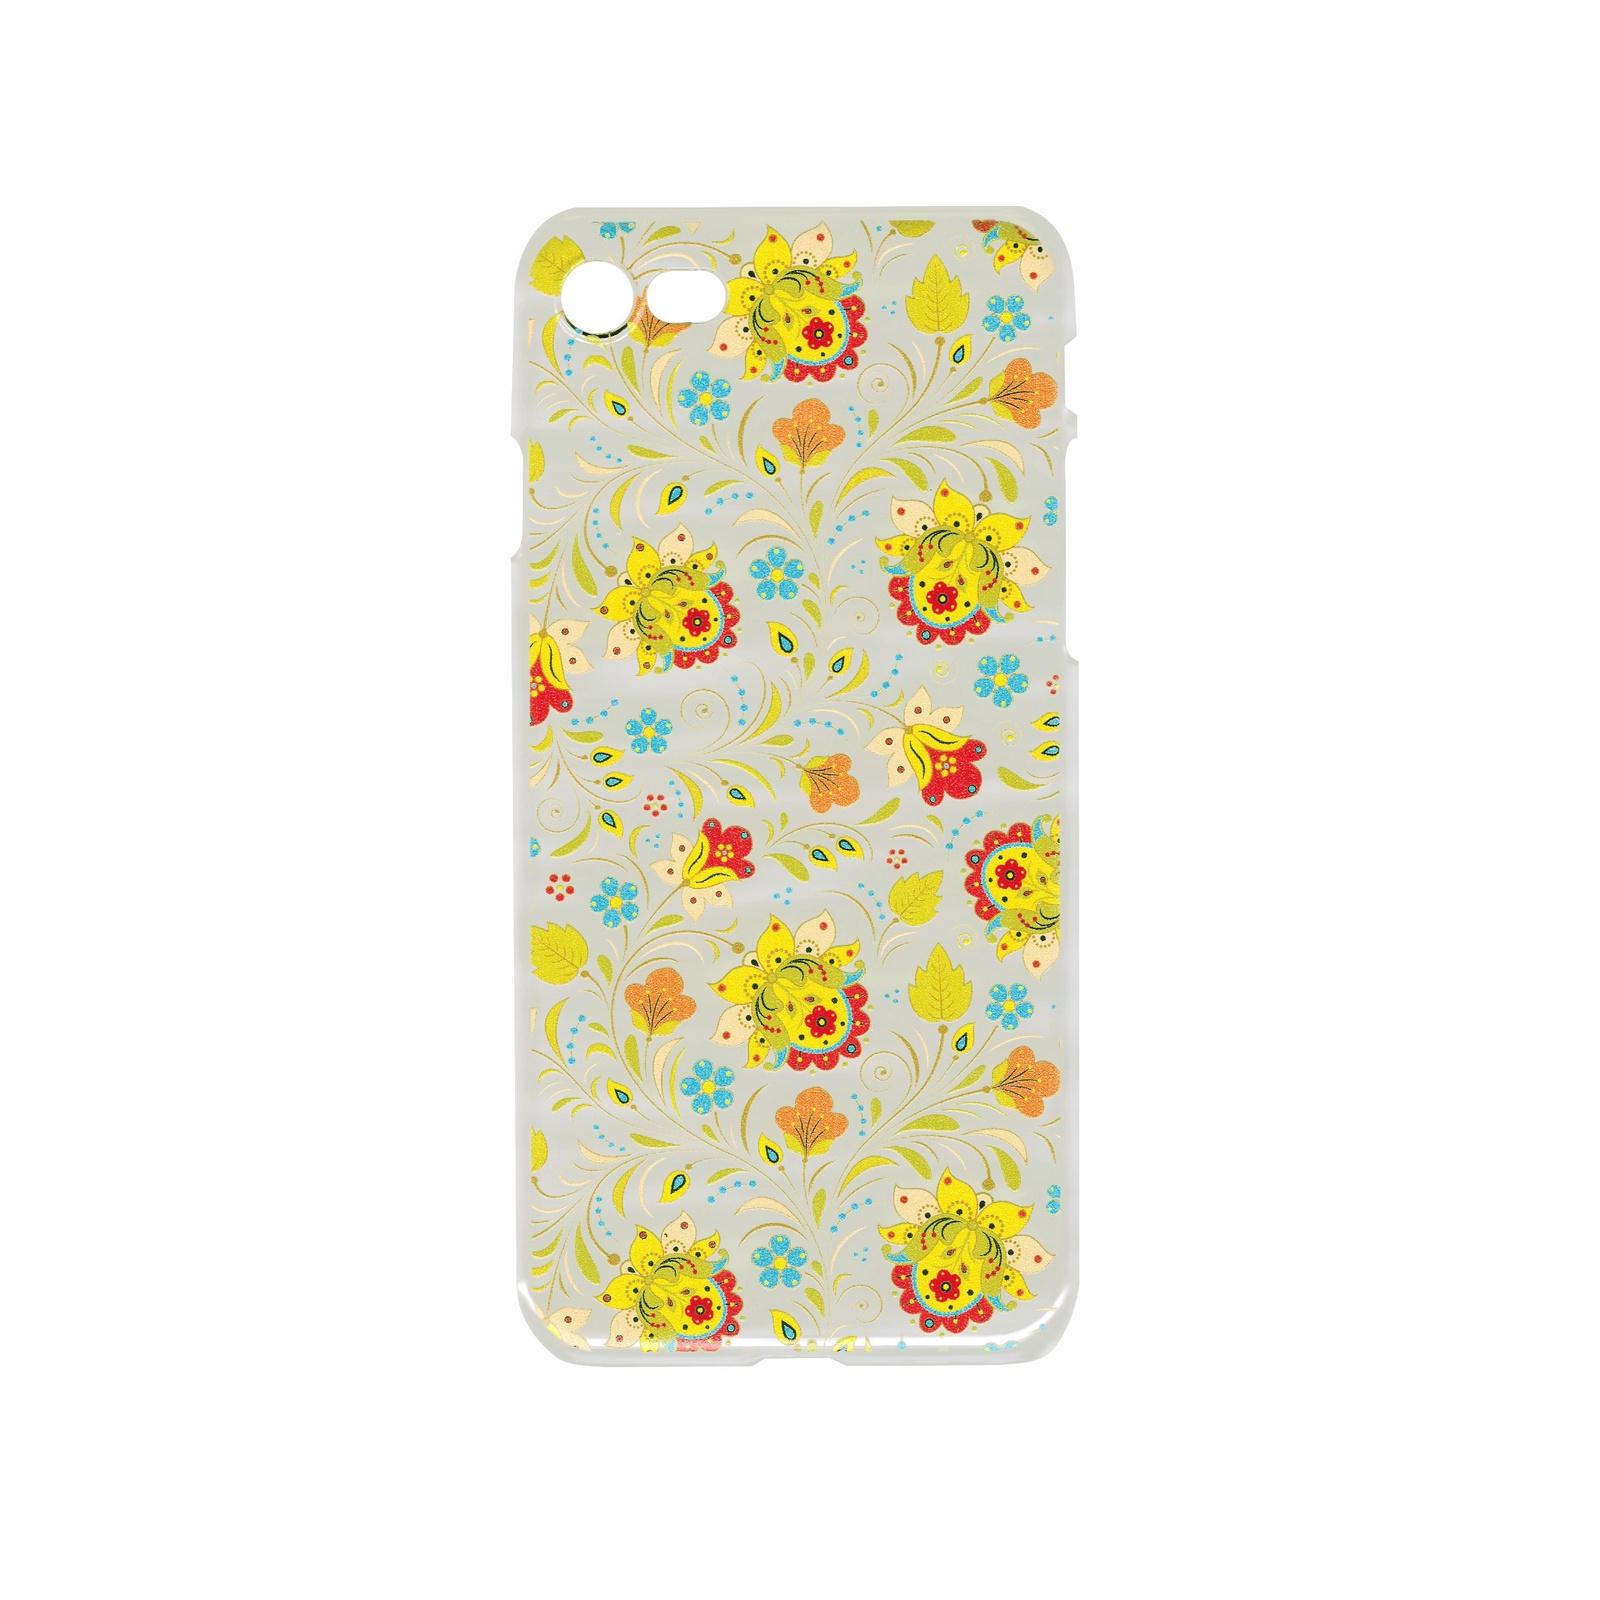 """Чехол для сотового телефона IQ Format пластиковый для iPhone 7 и 8, """"Цветочный орнамент"""", голубой, желтый, зеленый, красный"""